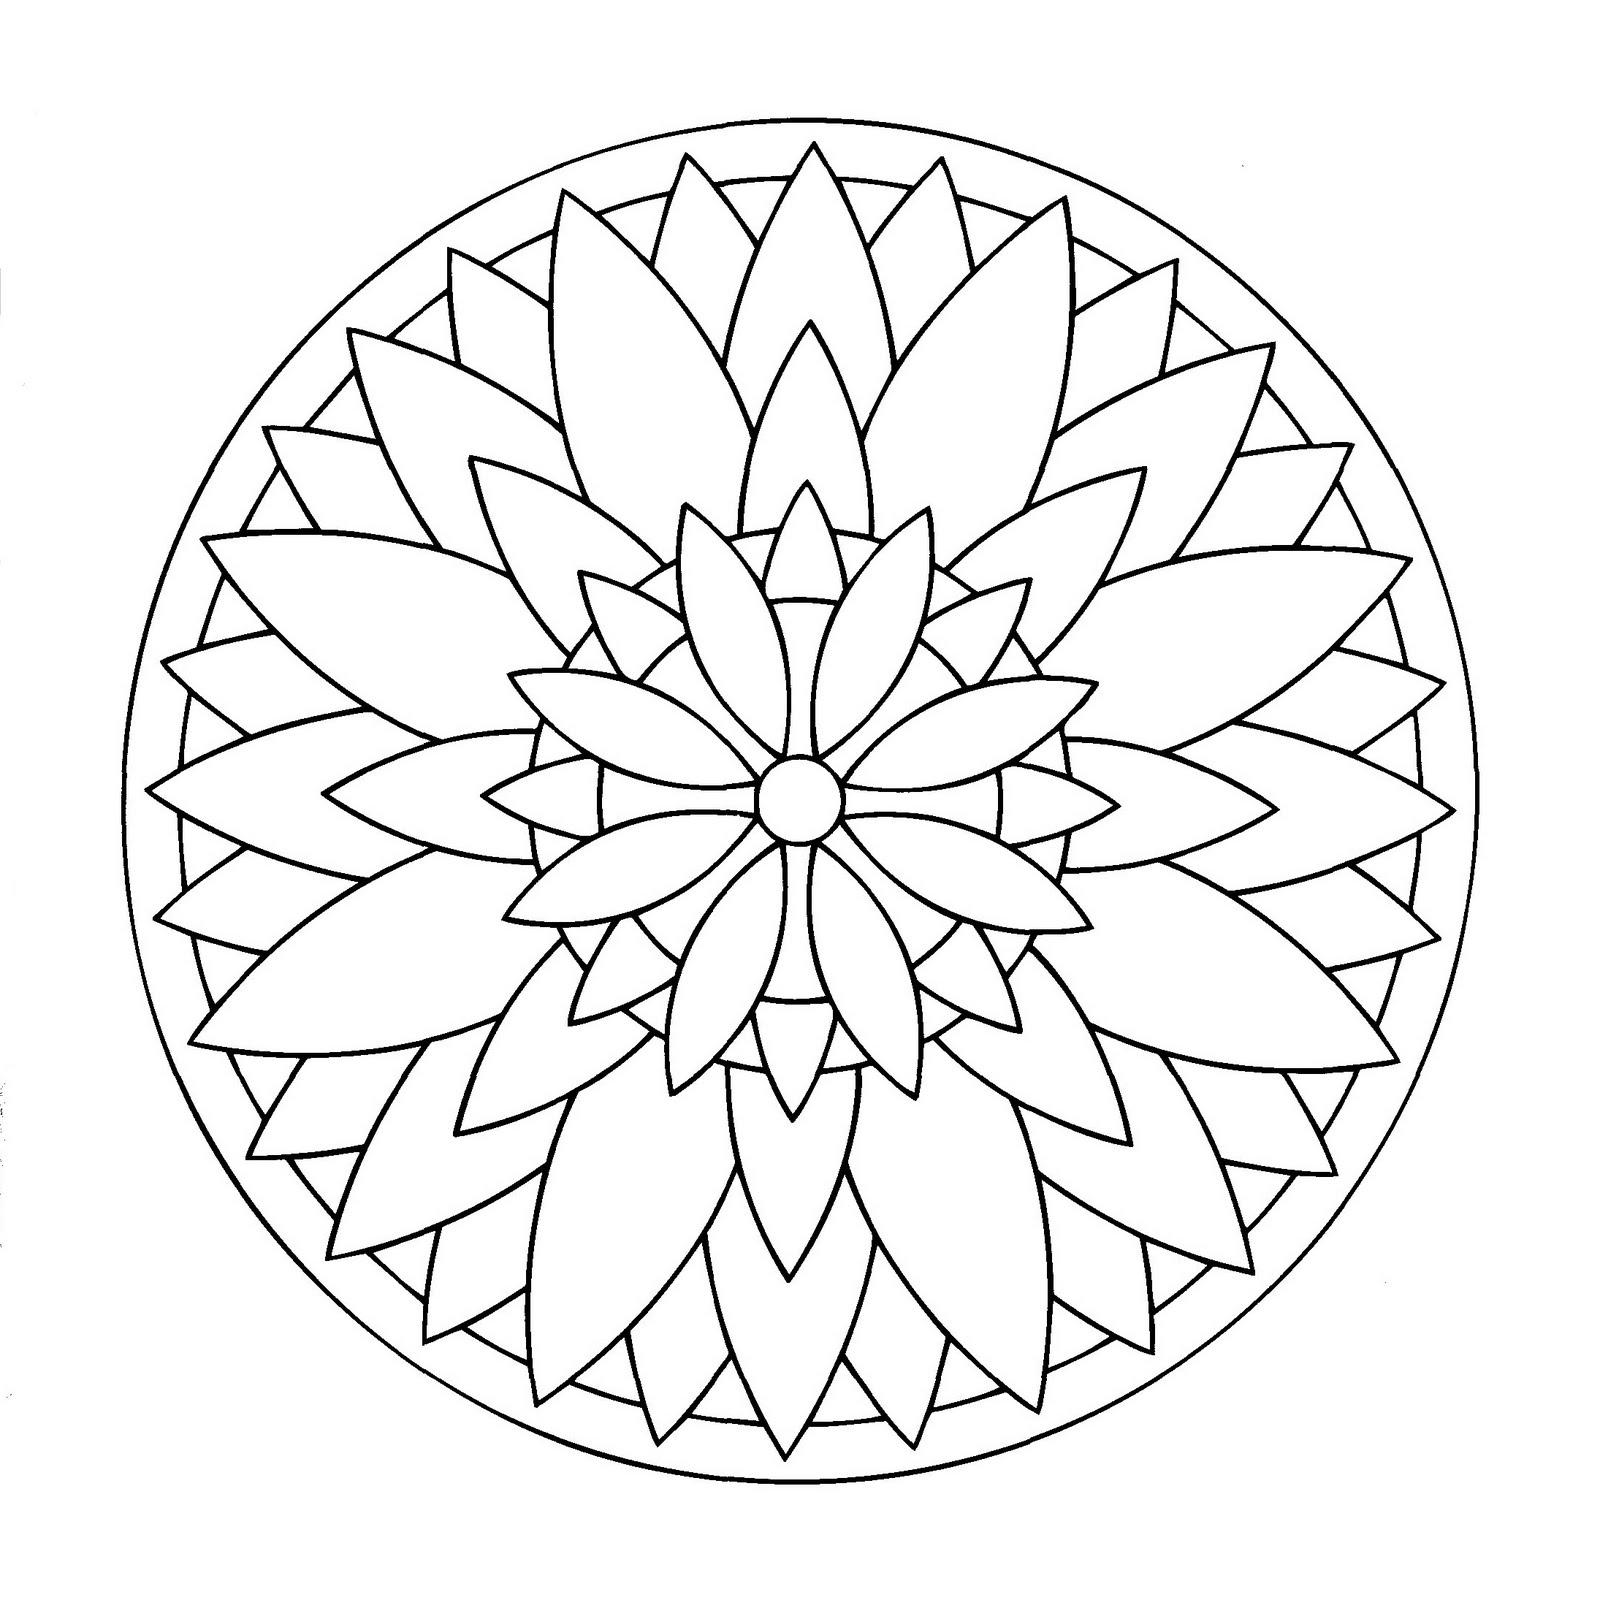 Mandalas 66902 - Mandalas - Colorear para Adultos